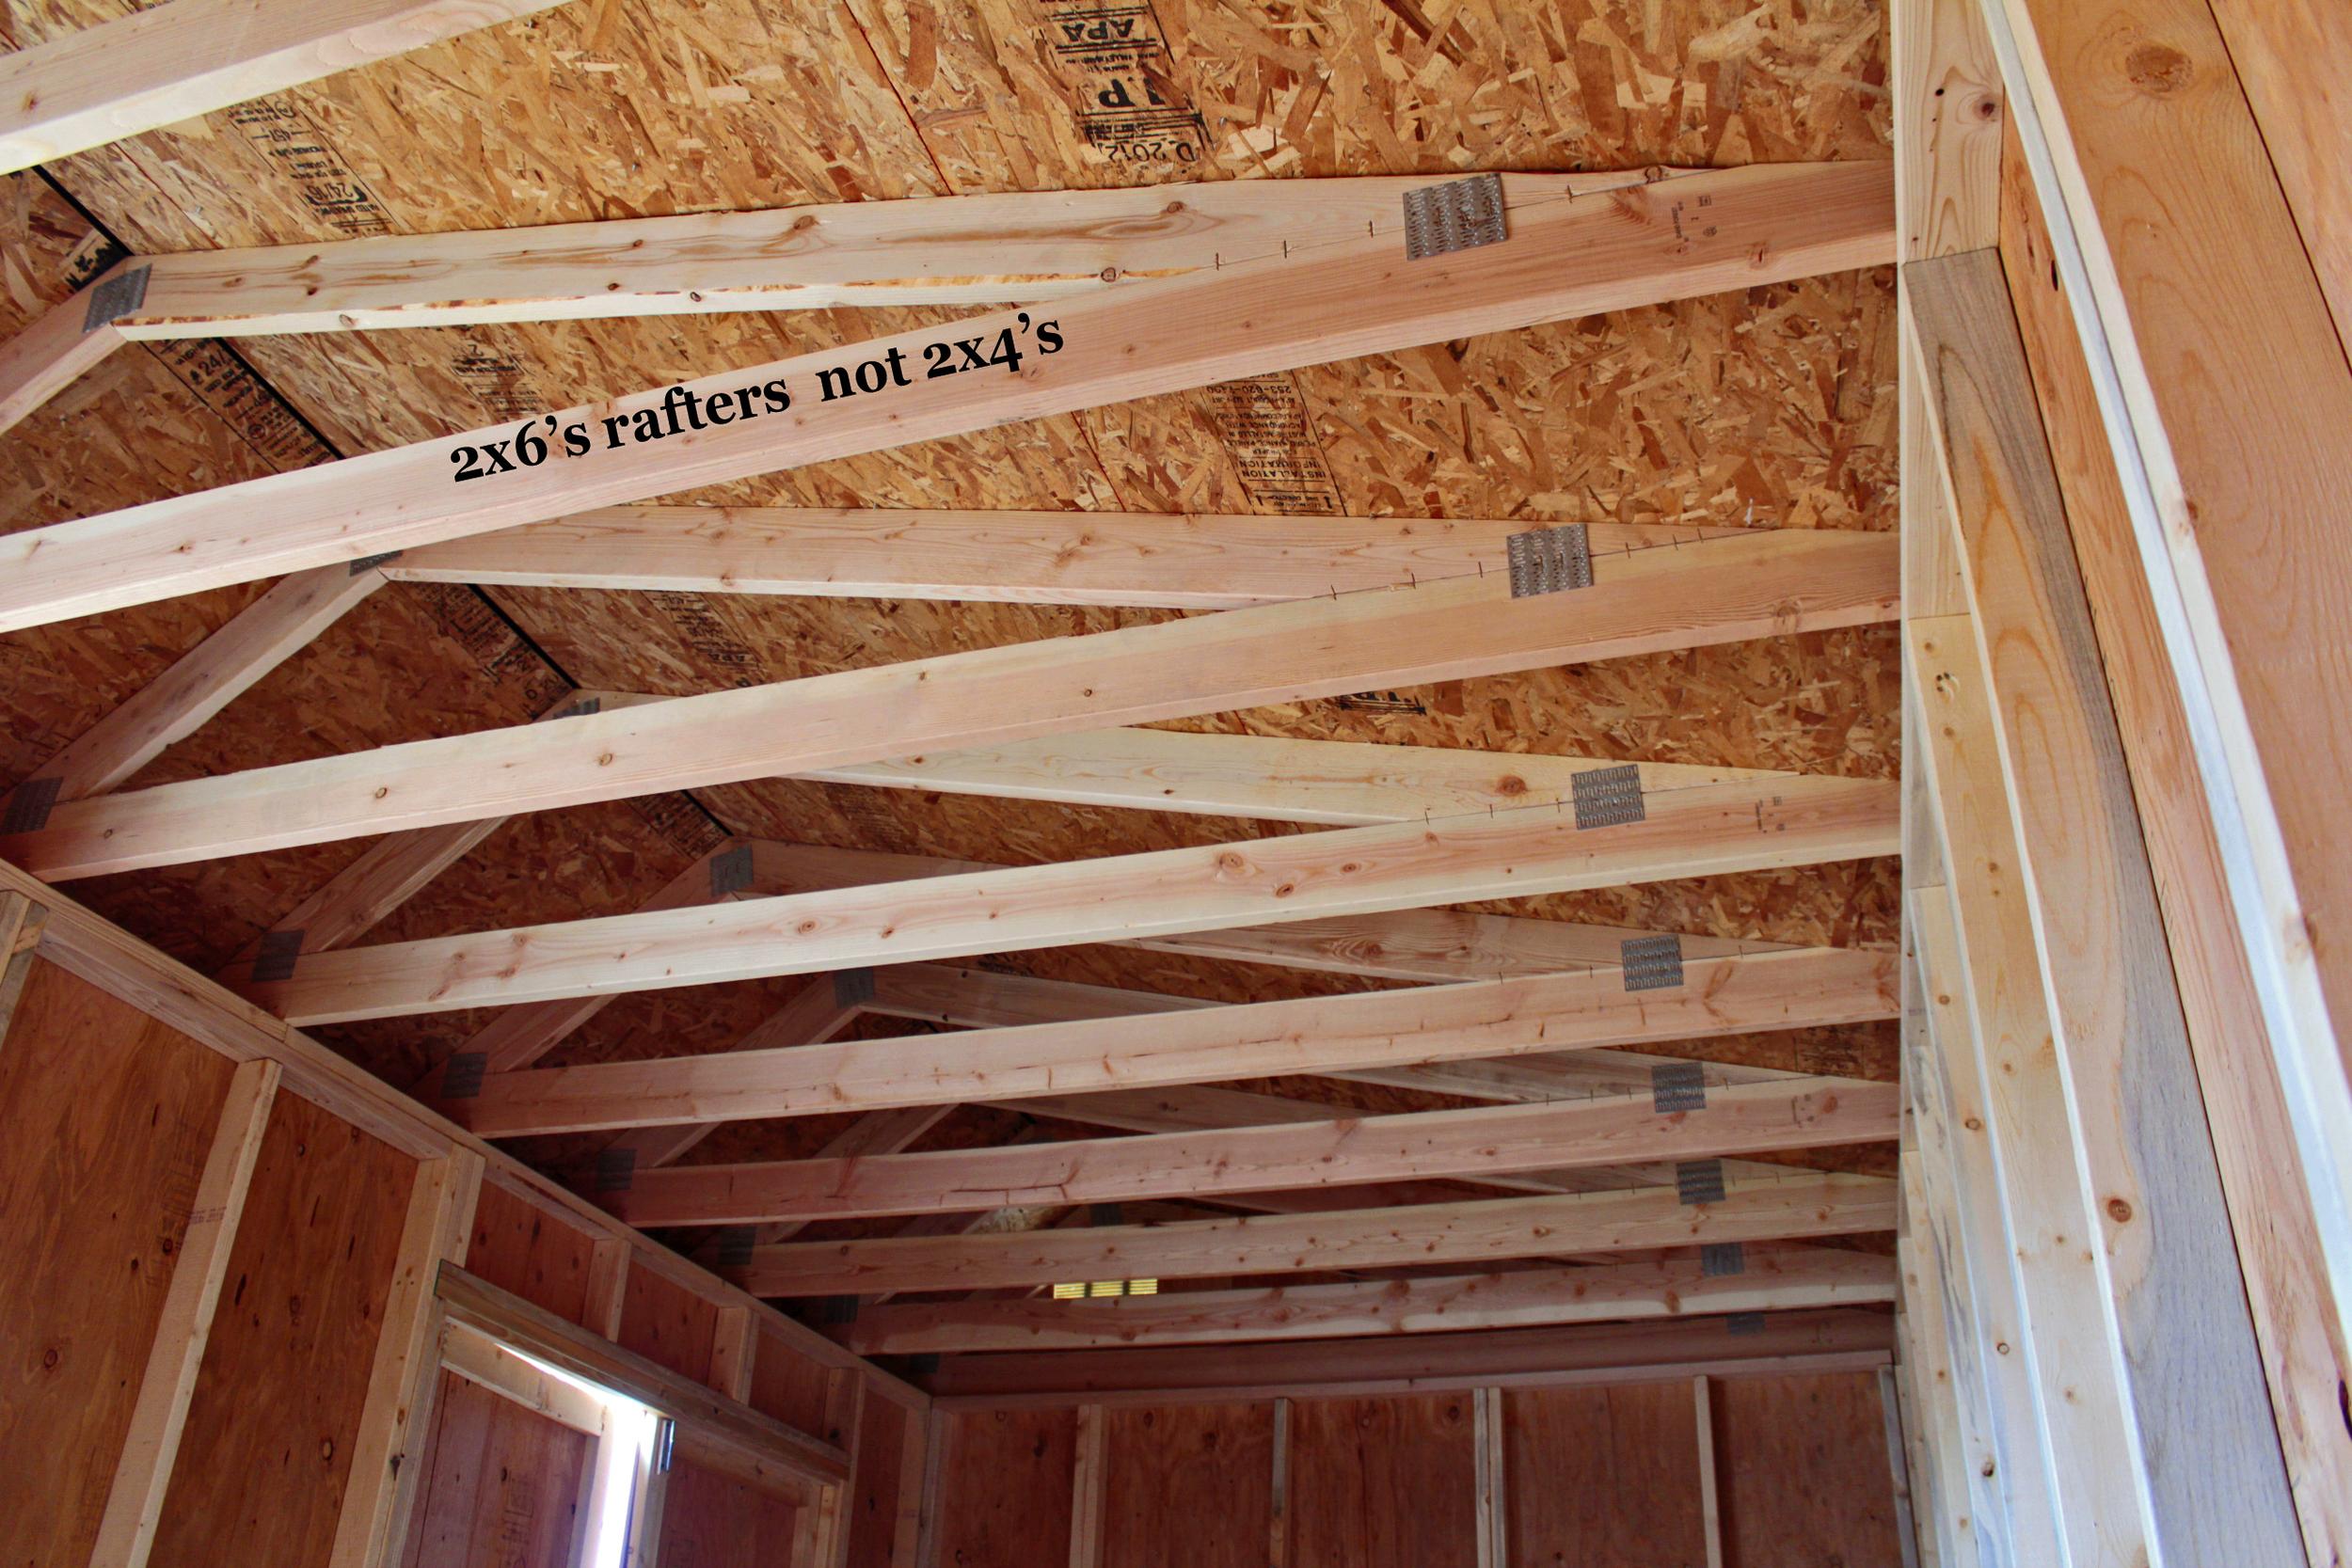 Nevada, Missouri, Illinois and Iowa use 2x4 rafters.